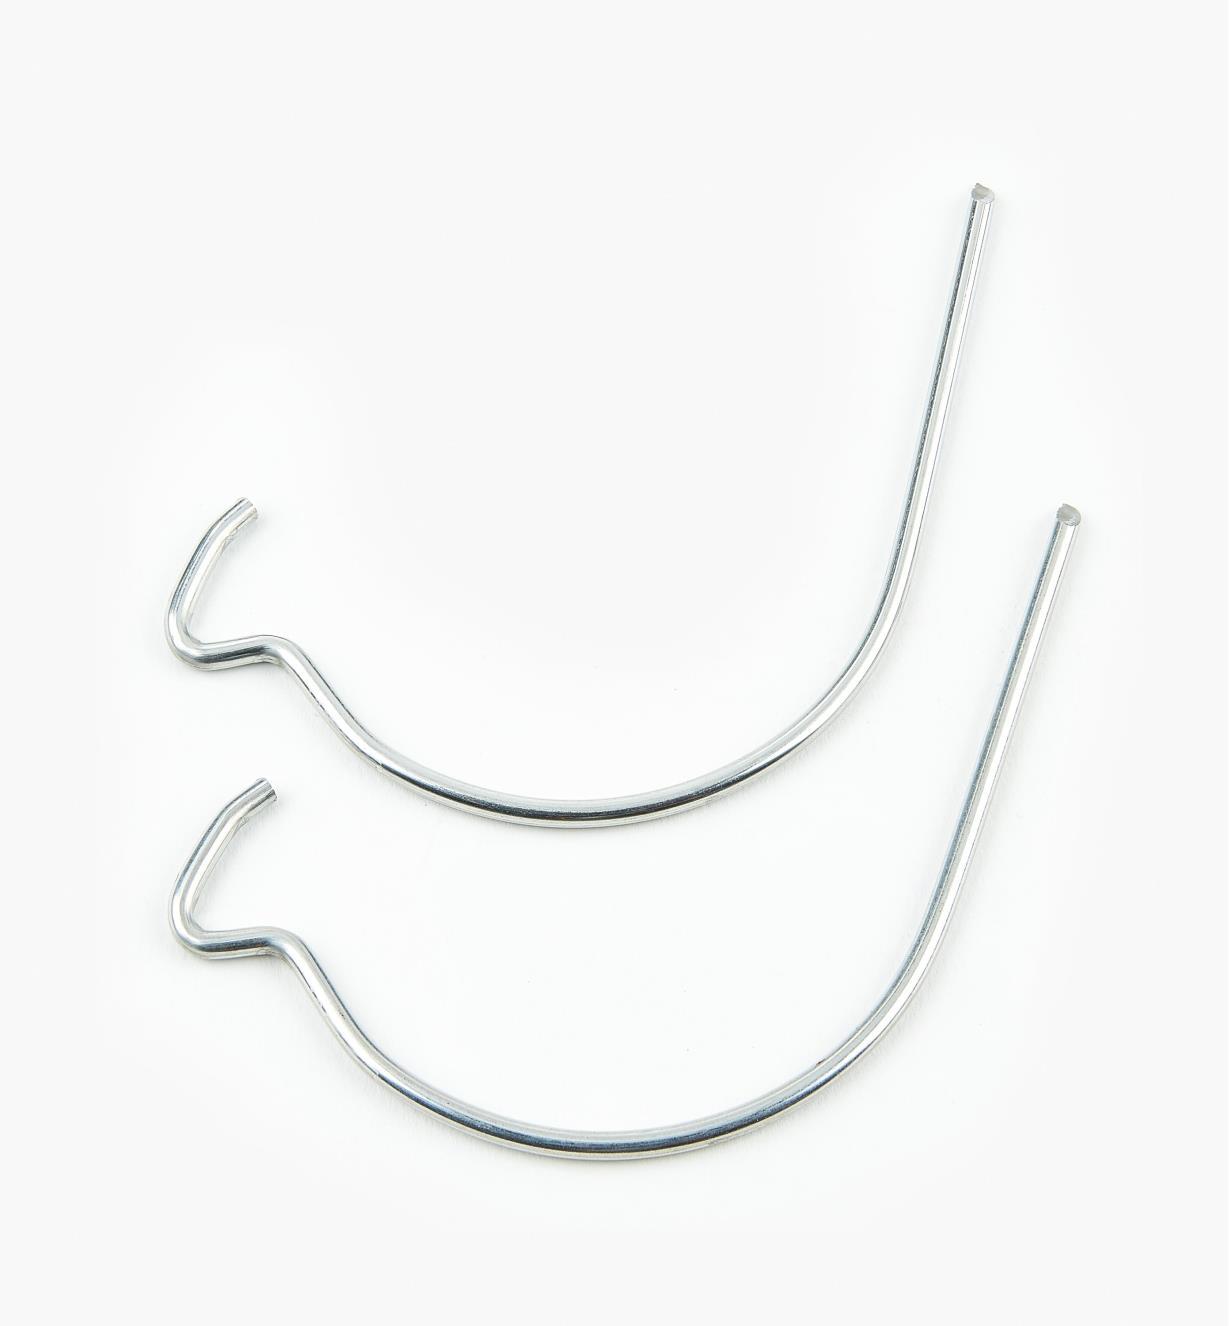 00F1451 - Heavy-Gauge Hooks (2)